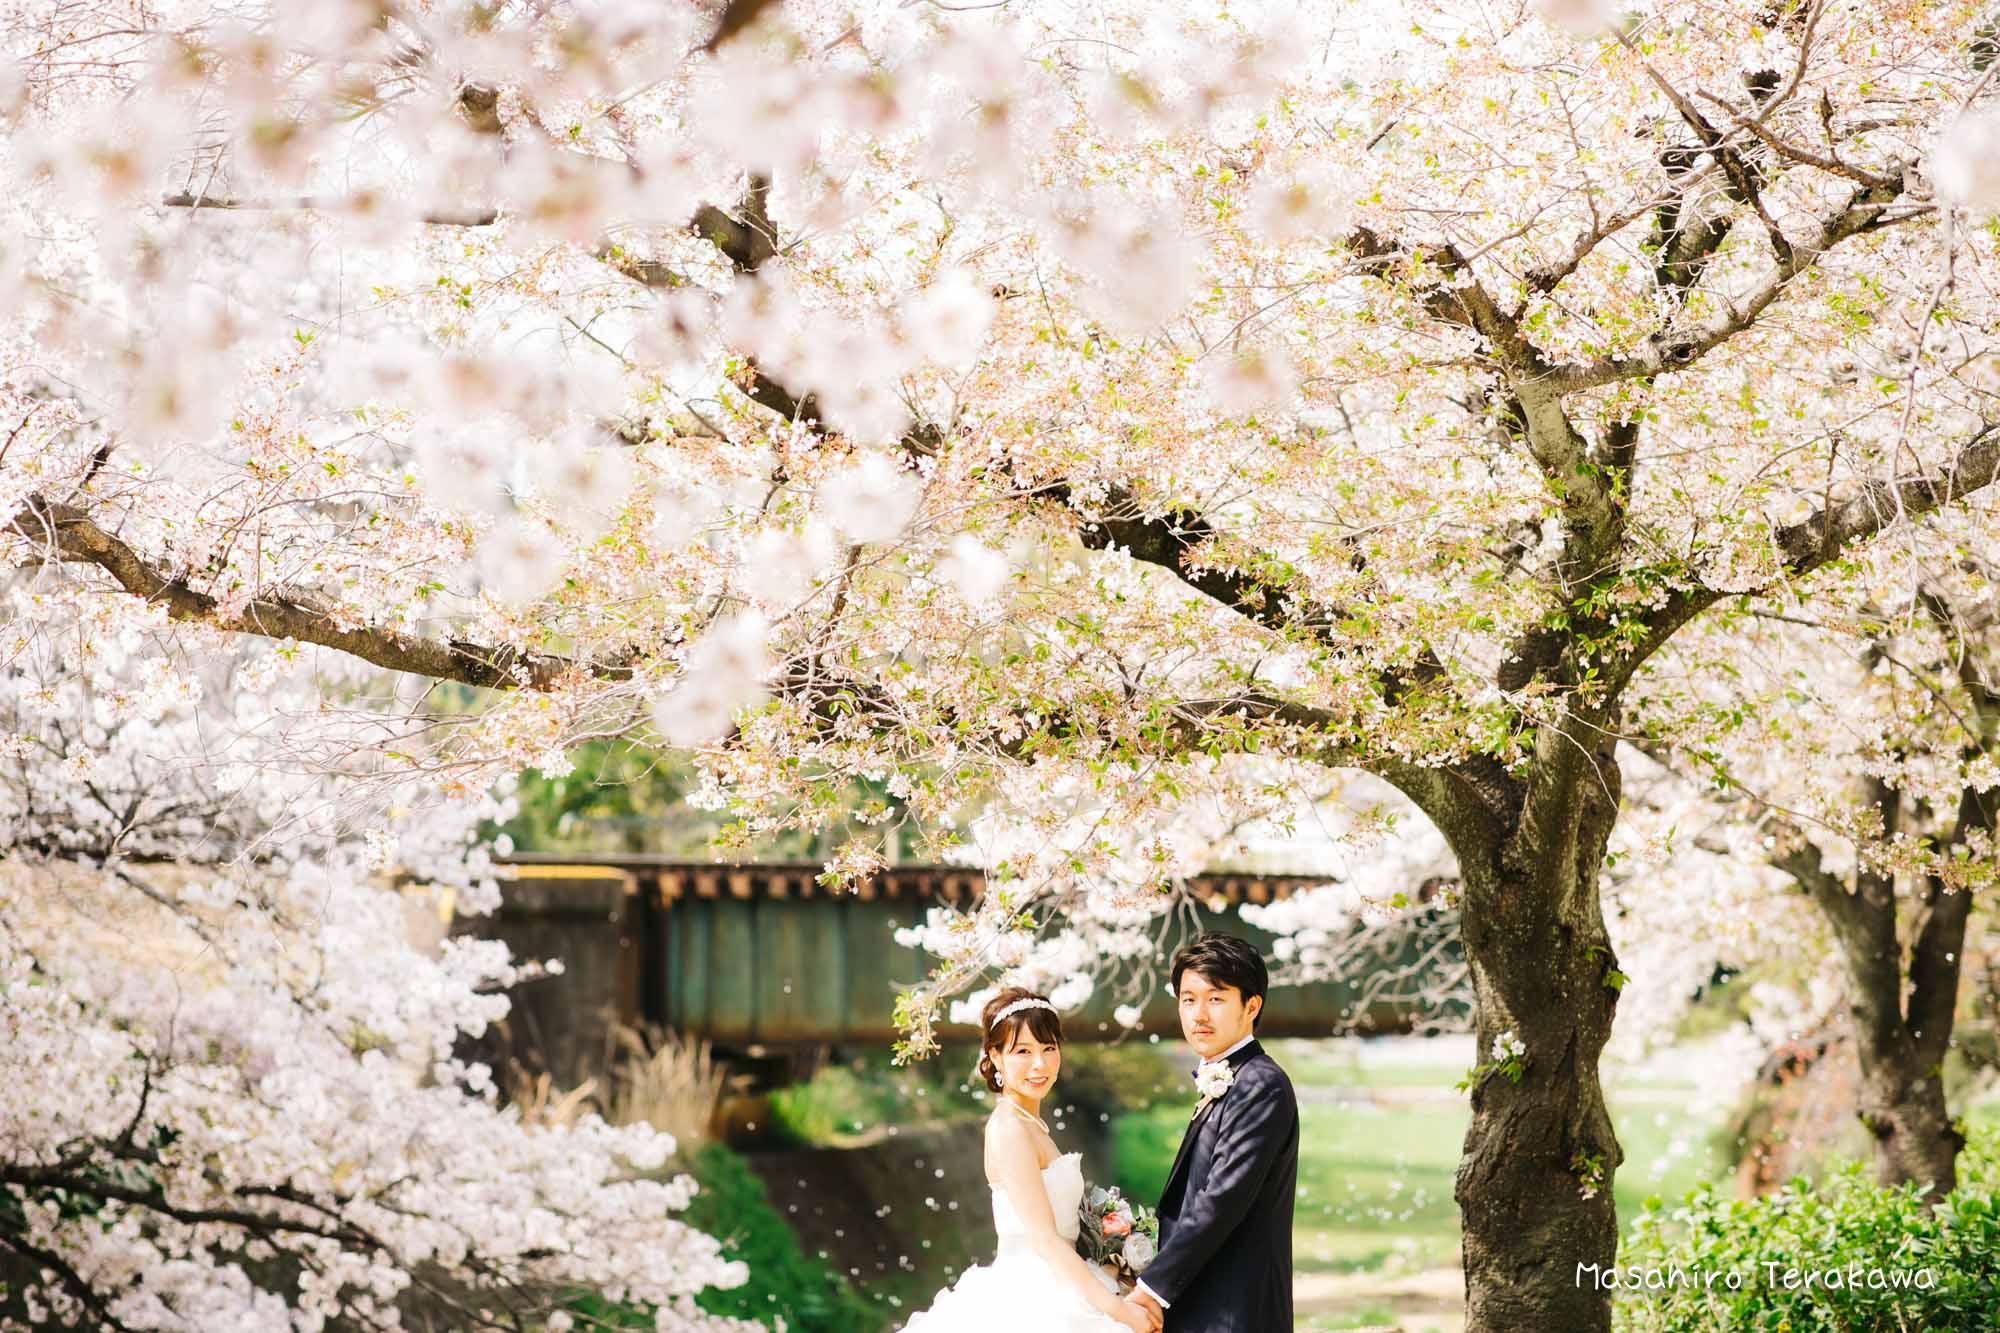 トリートドレッシングのウェディングドレスで結婚式前撮り6